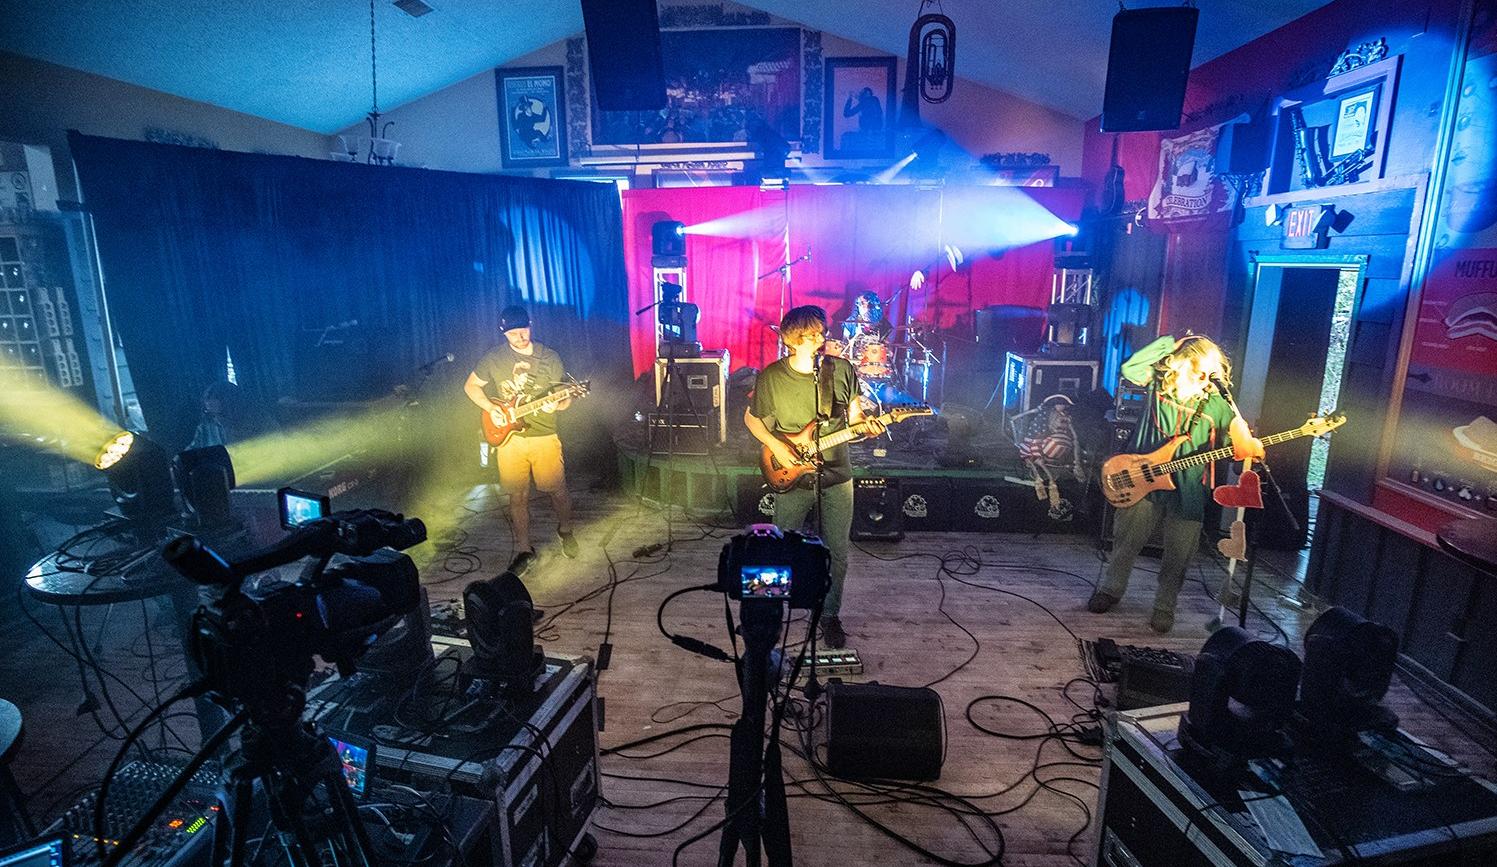 VIDEO: The DeadBeats Live From Nanola in Ballston Spa, NY